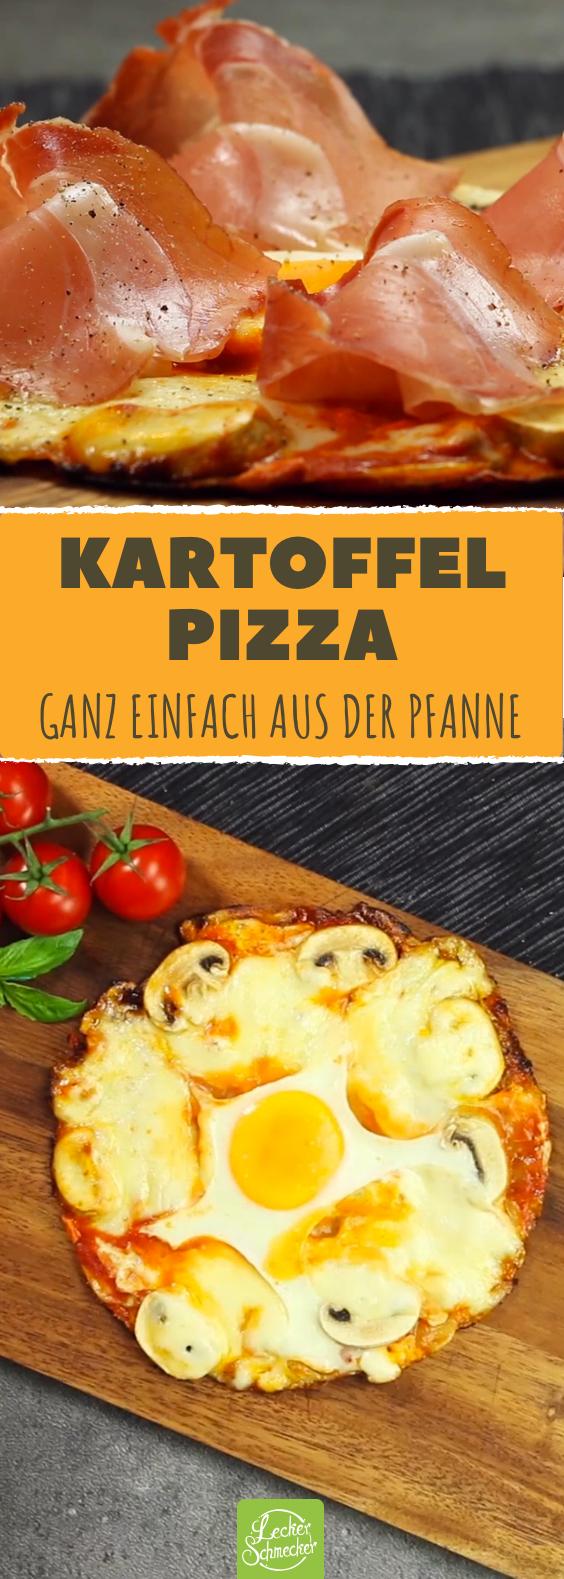 Bratkartoffel trifft auf Pizza. Das Ergebnis? Saftige Kartoffelpizza!